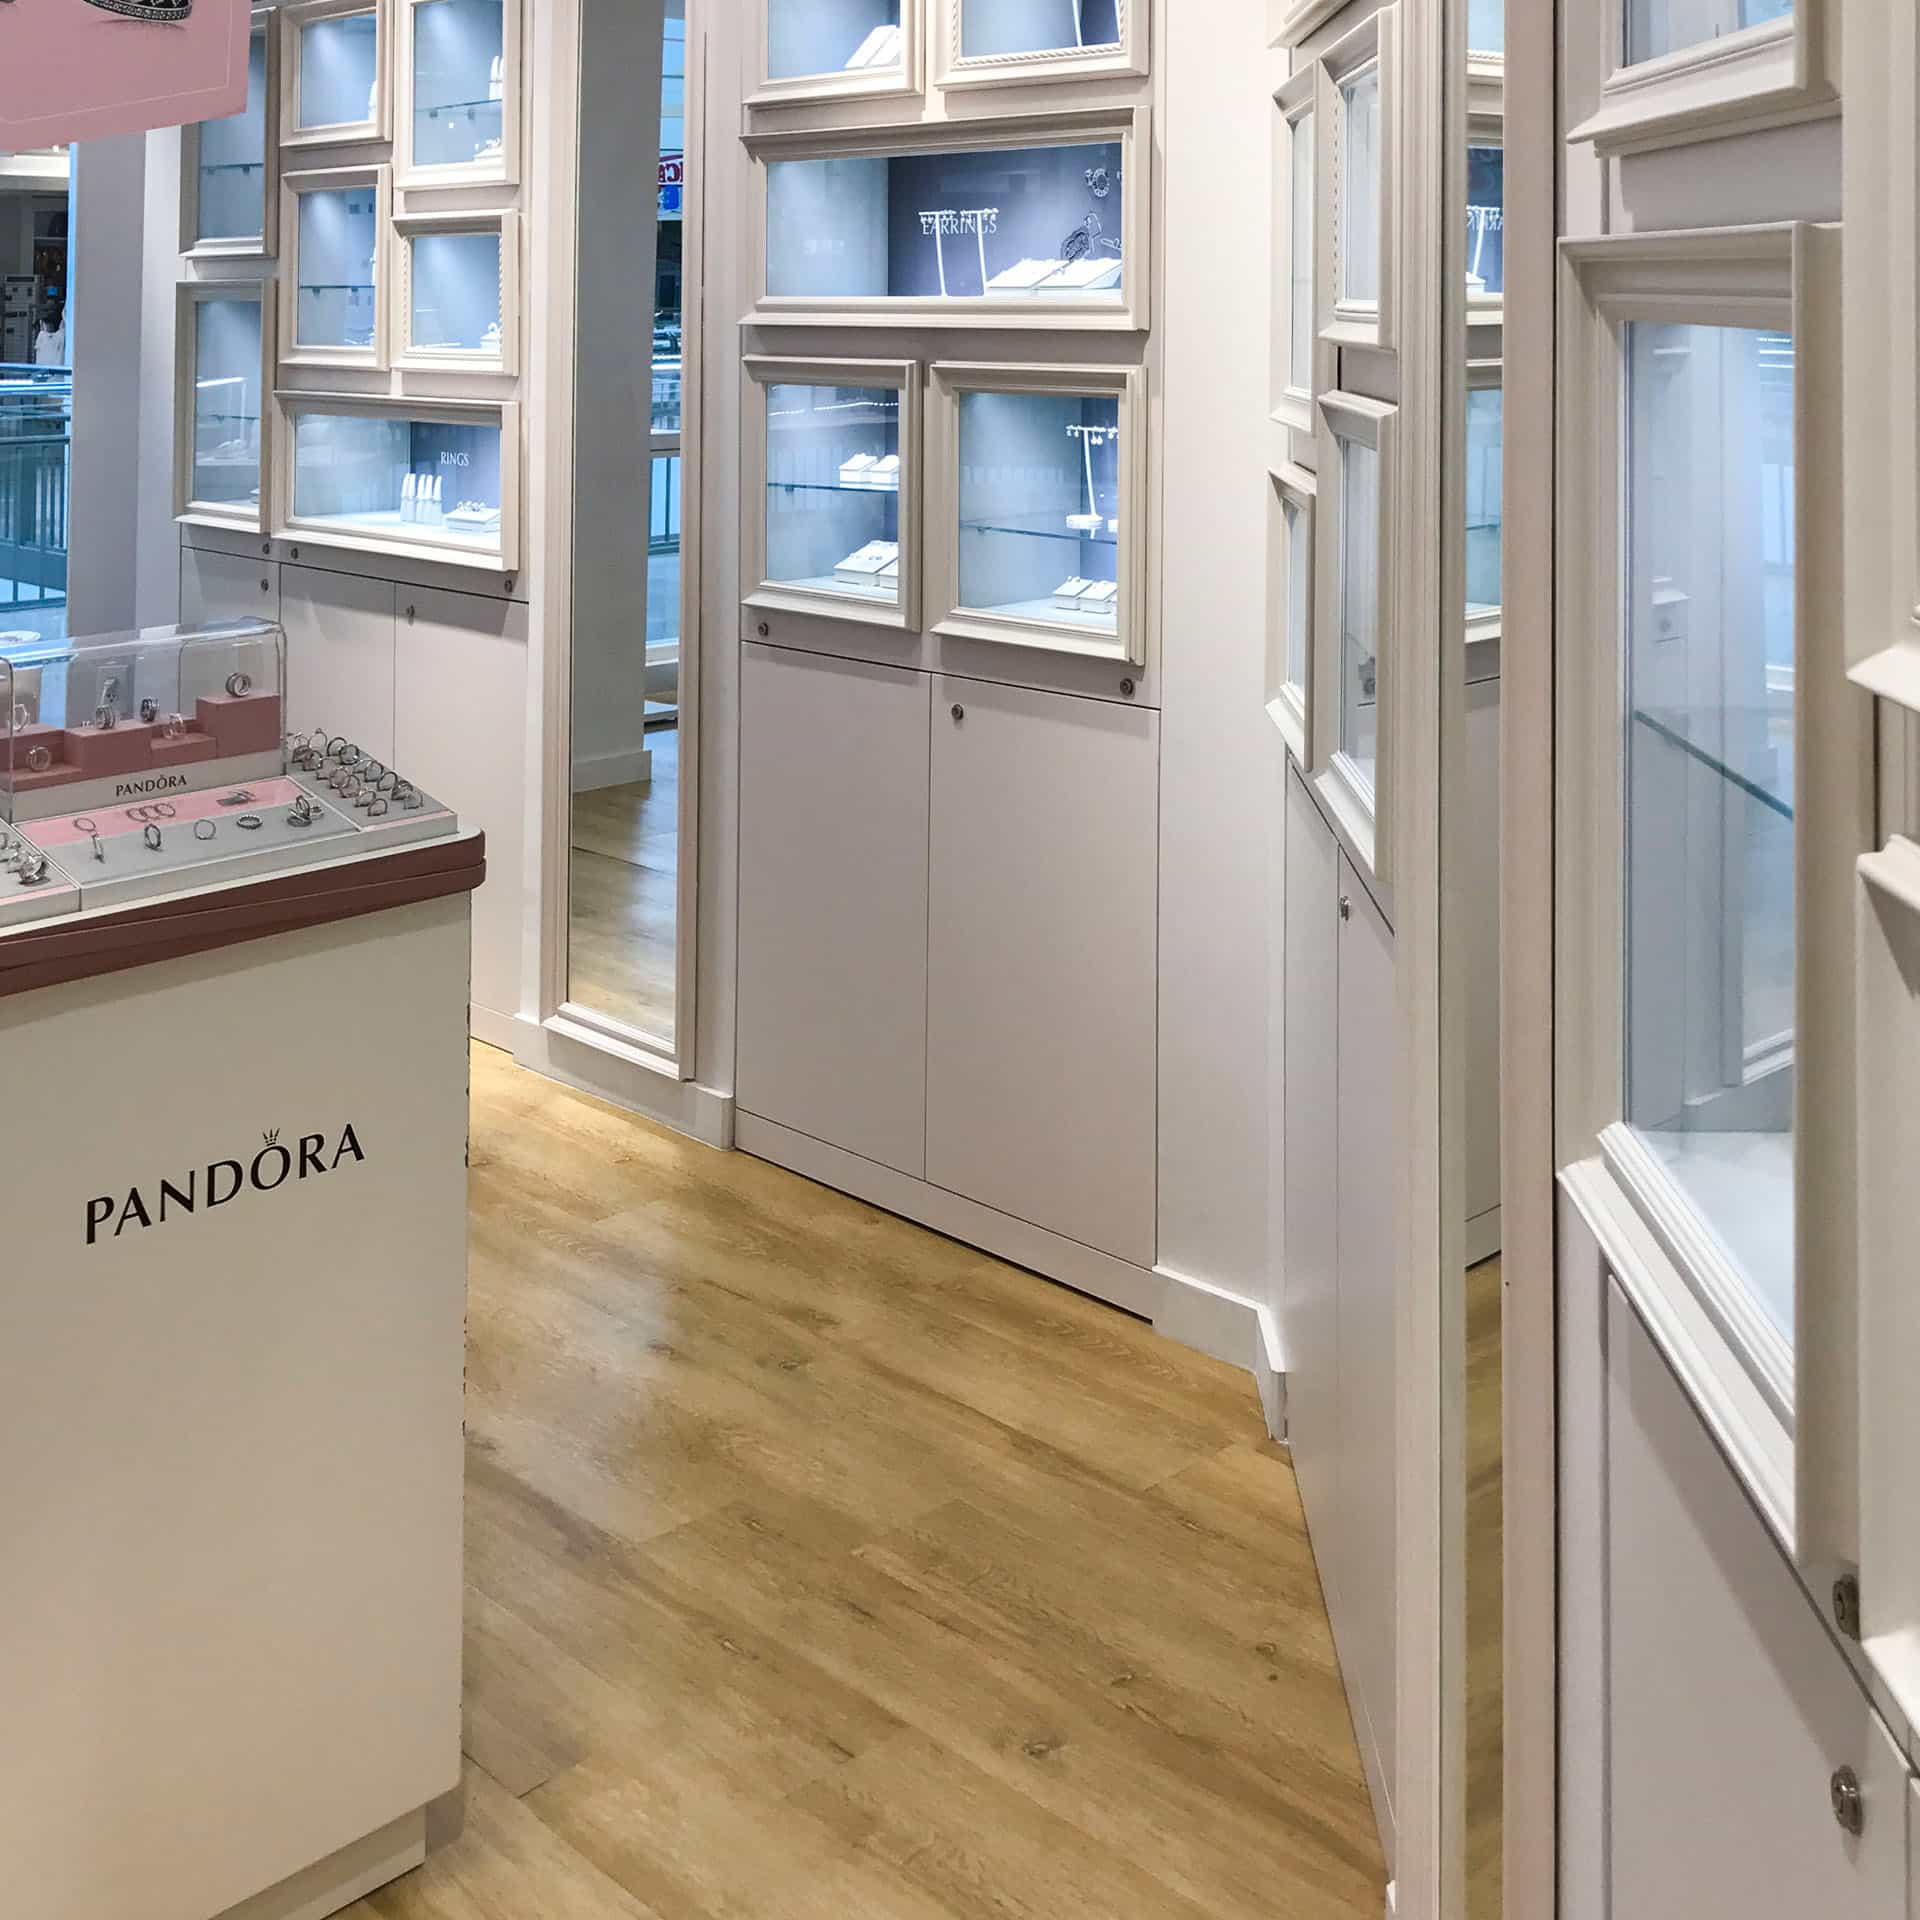 Pandora-Photo Jun 01, 1 17 00 PM